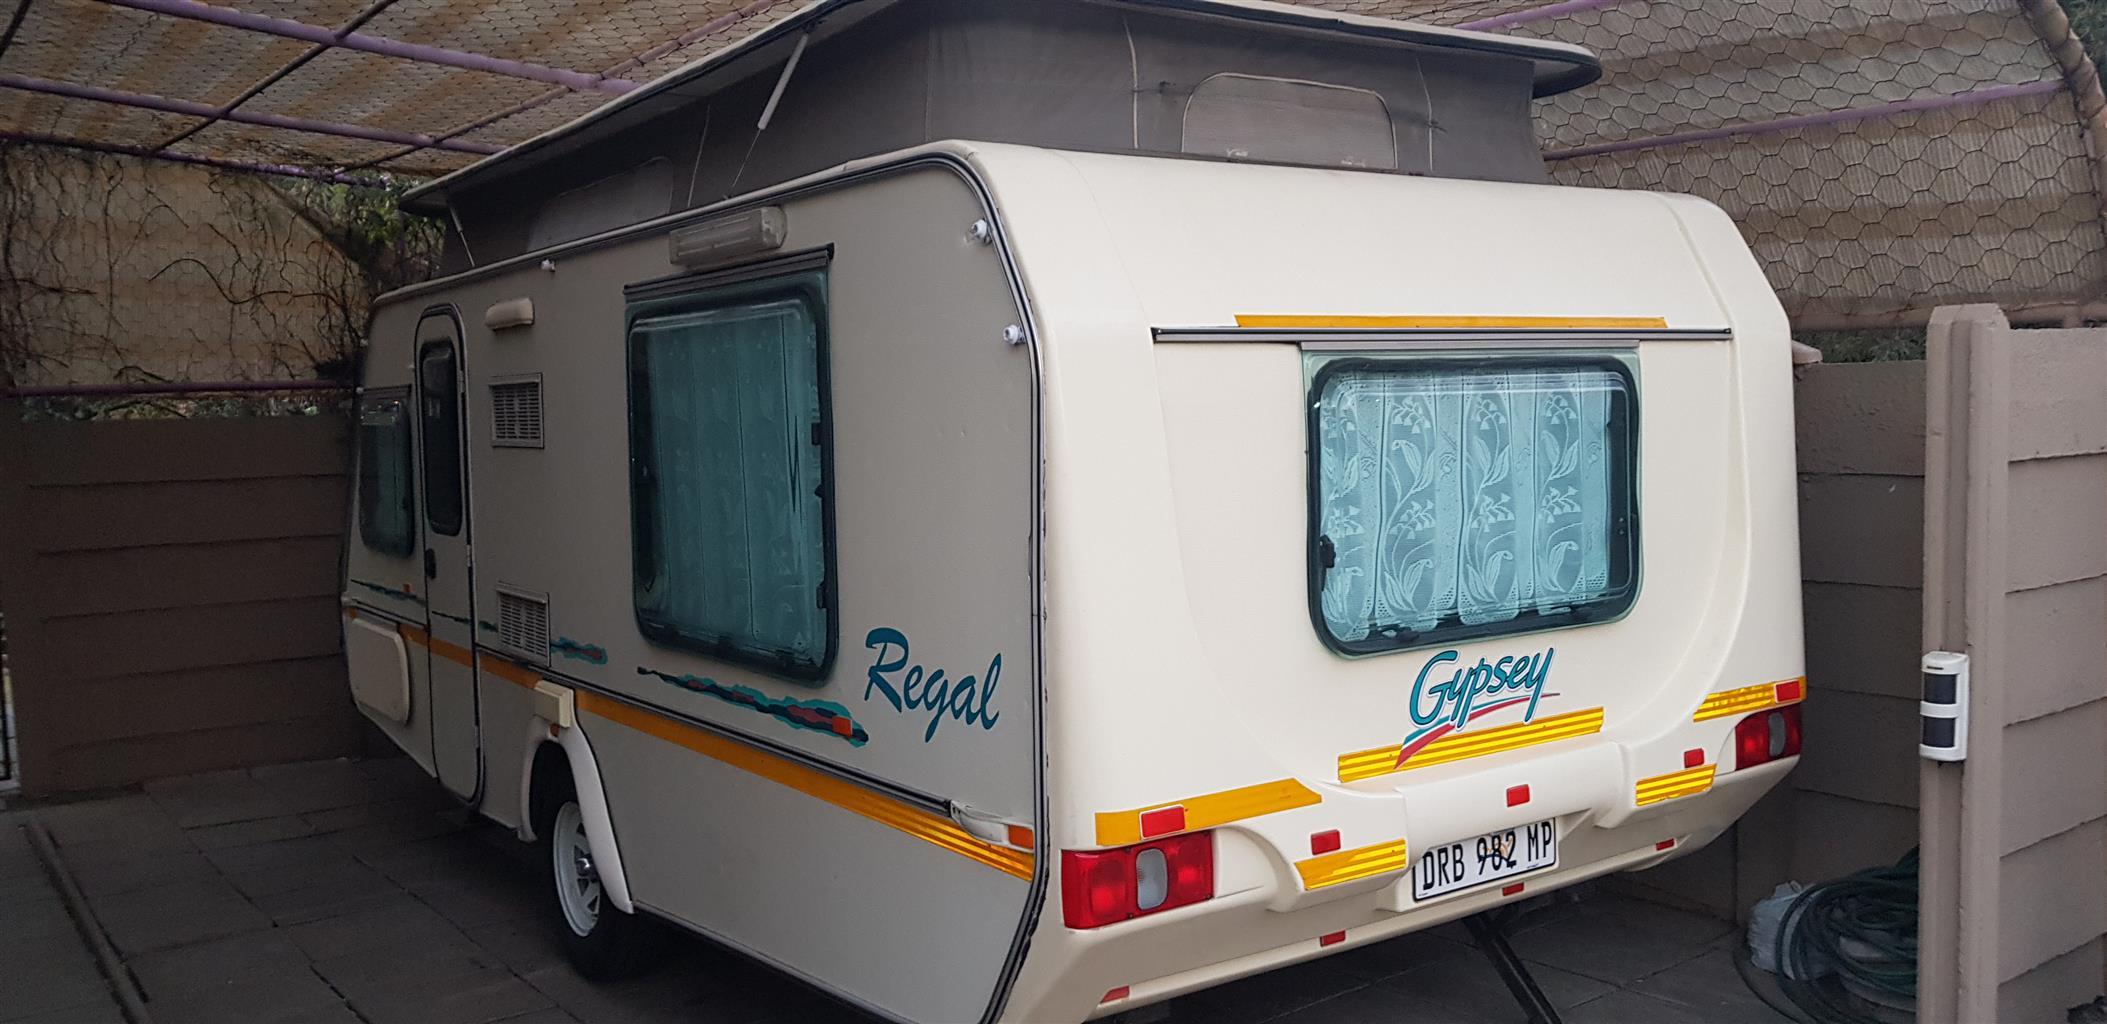 Caravans Gypsy Caravans